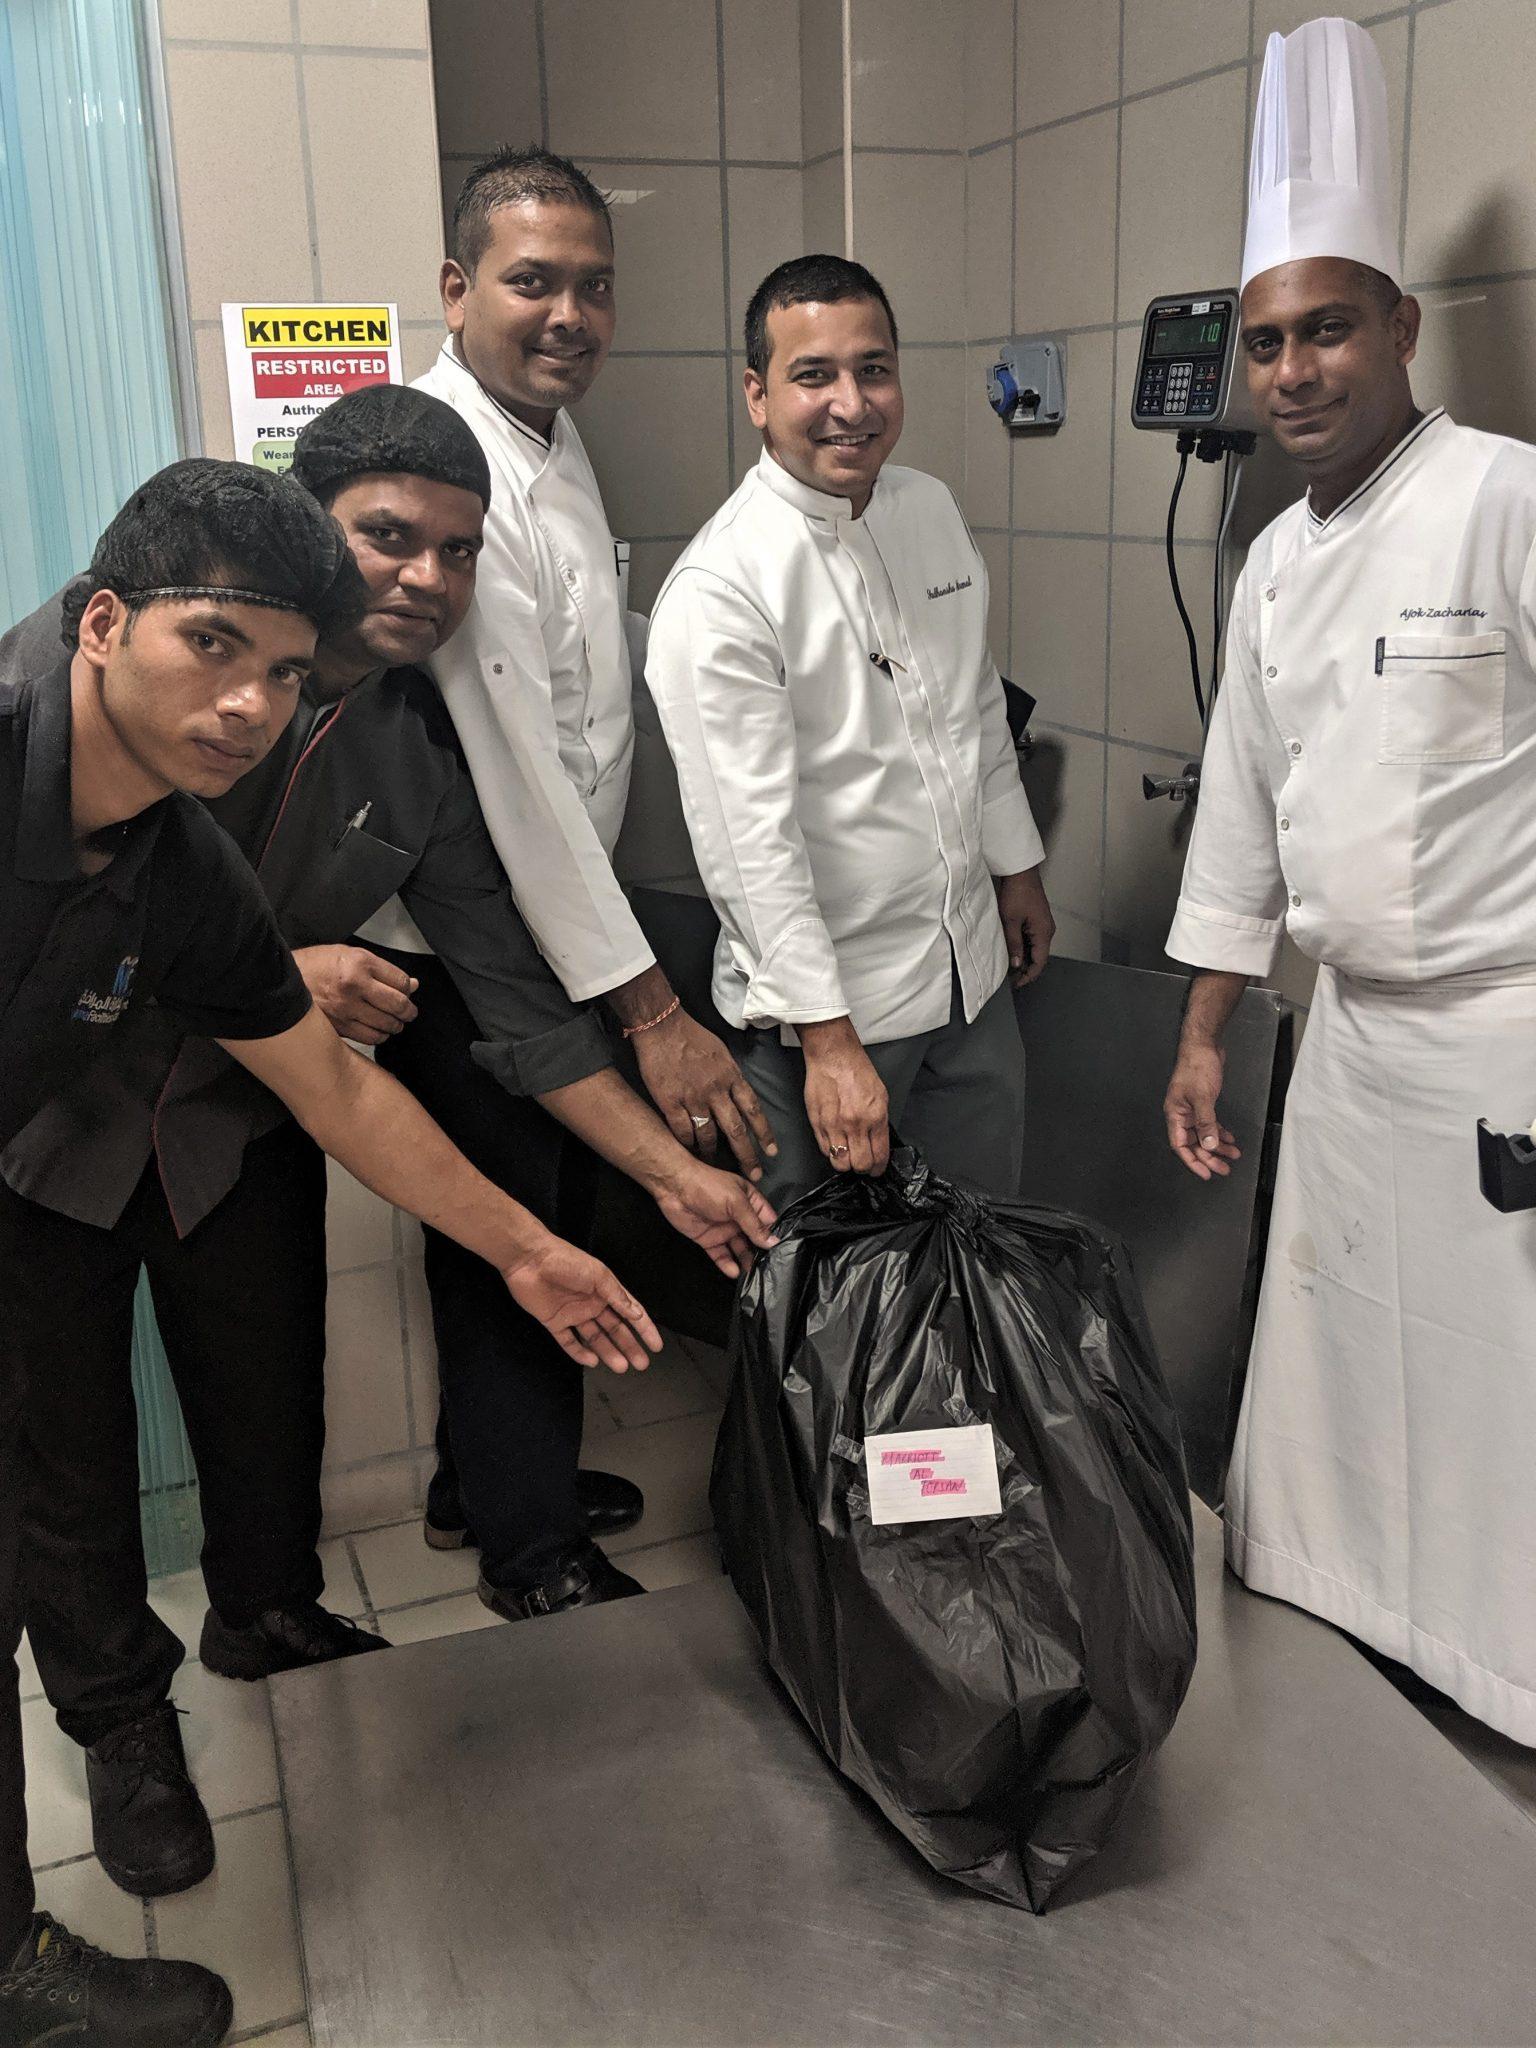 فندق ماريوت الفرسان أبوظبي تتخلص من بقايا الطعام بطريقة ذكية